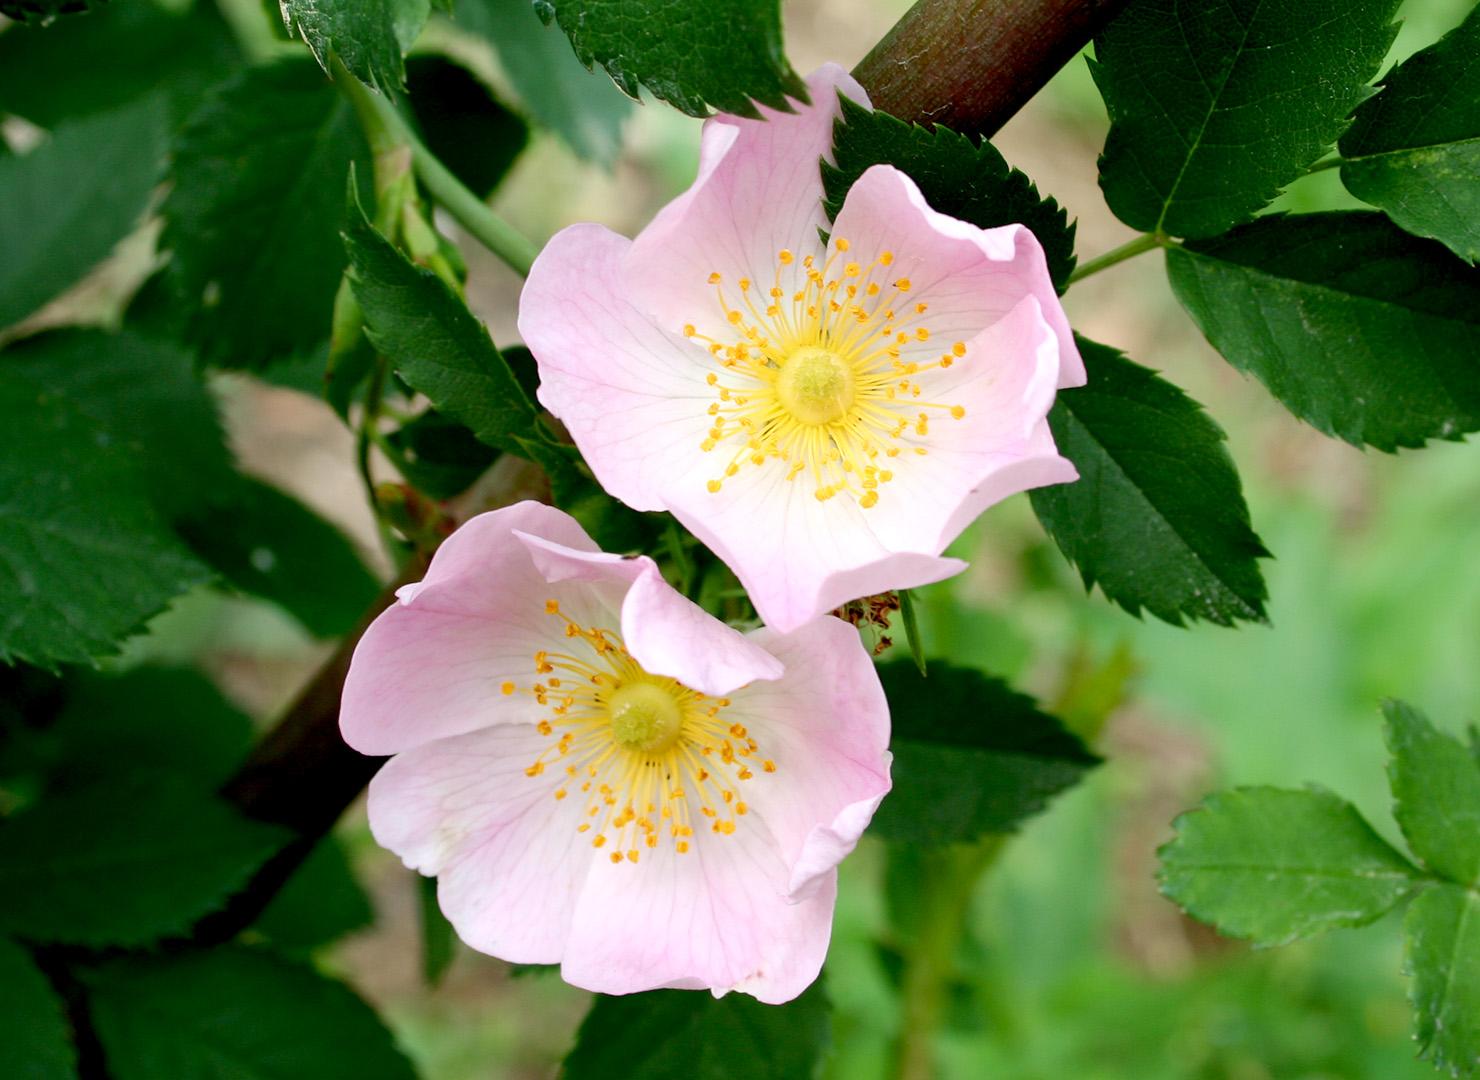 ロサ カニナ - Rosa canina